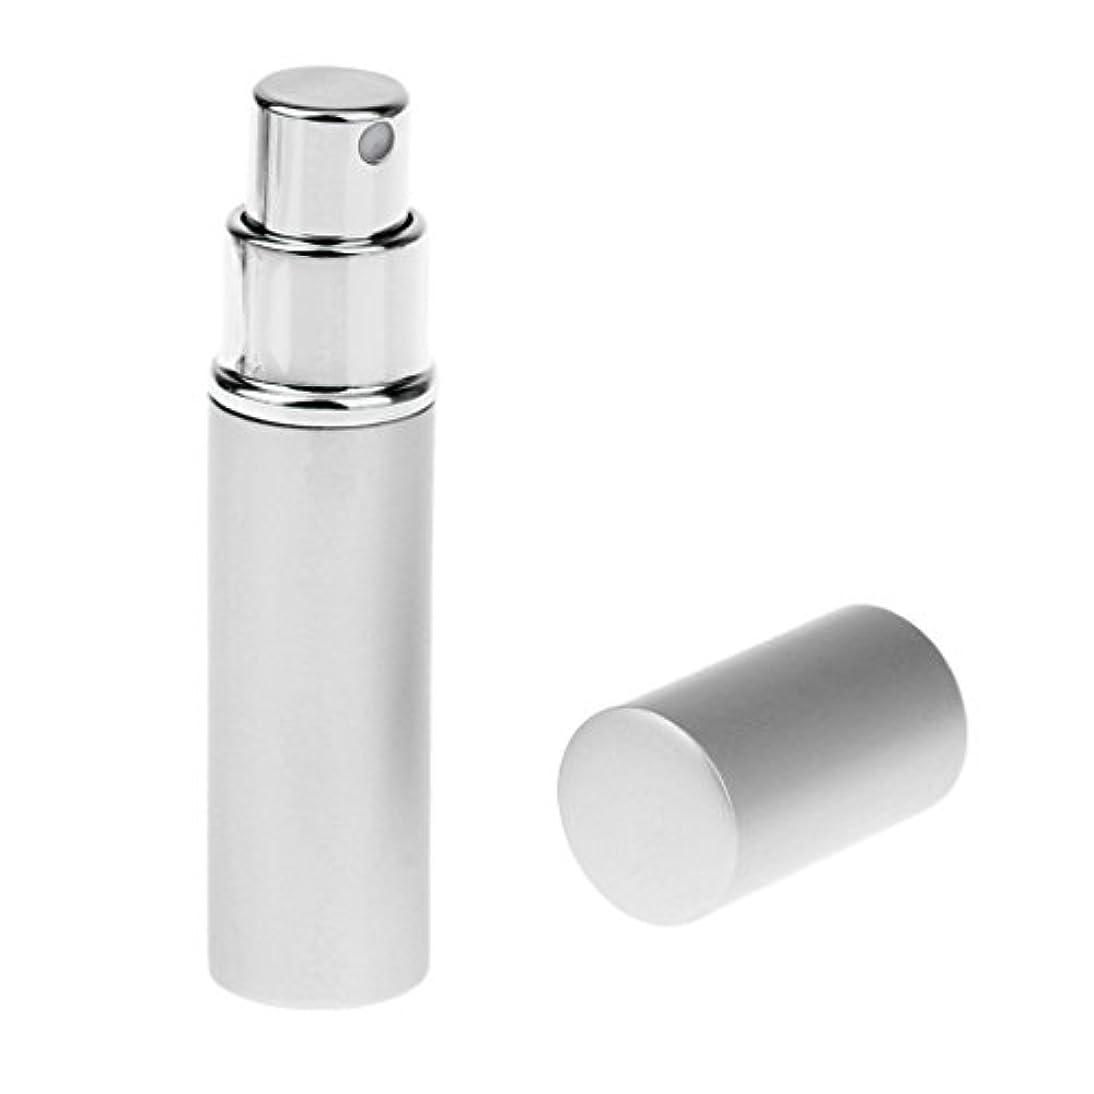 エンディングつぶす深くKesoto 男女兼用 詰め替え可能 ポータブル アルミ ガラス製 香水アトマイザー 空ボトル ポンプ 全4色 - 銀色